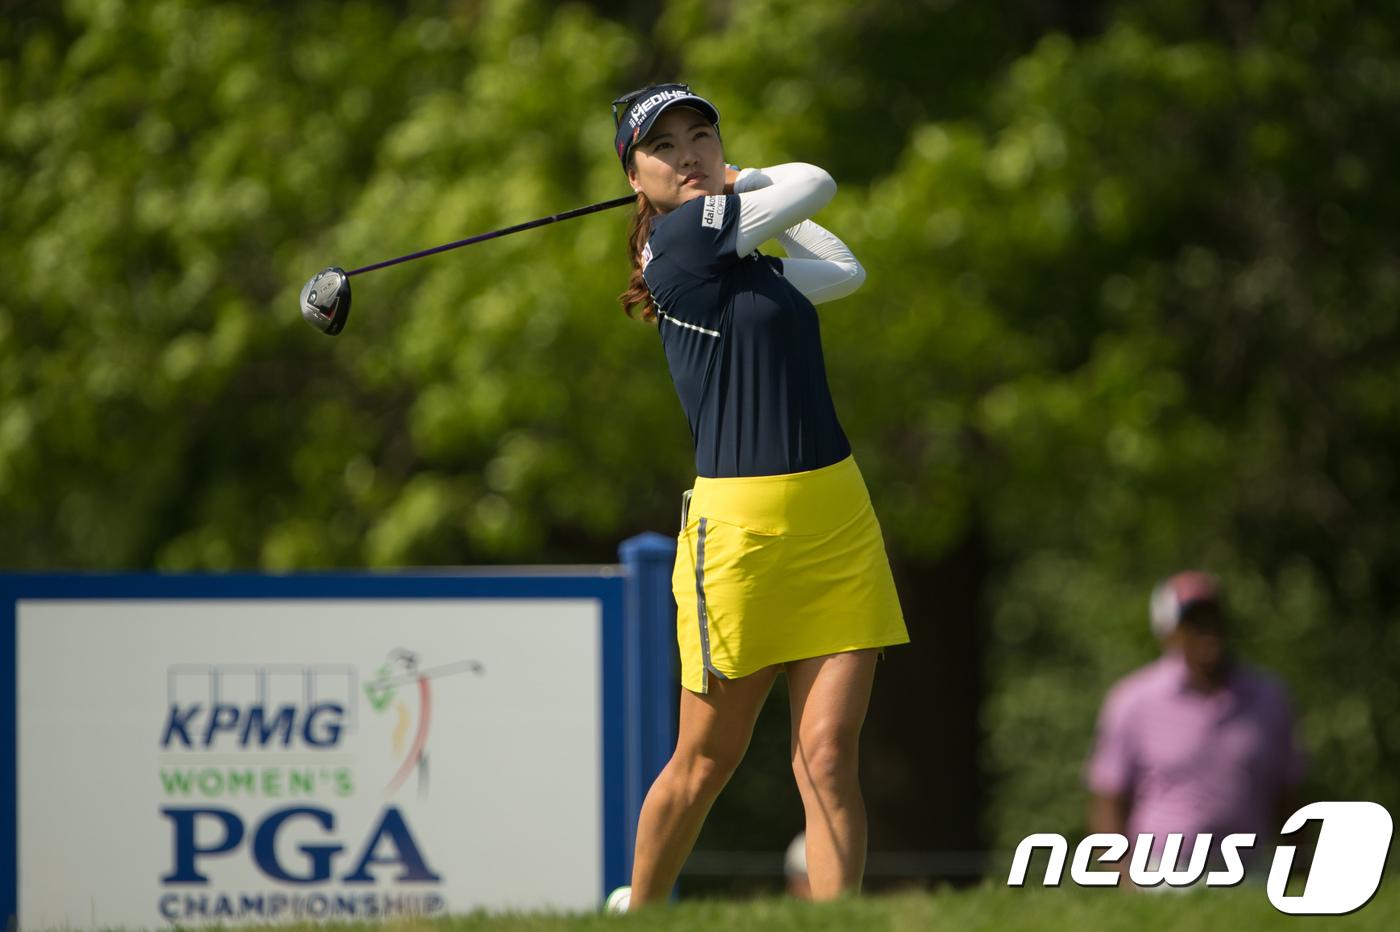 박성현-유소연-하타오카, KPMG 챔피언십 연장 돌입